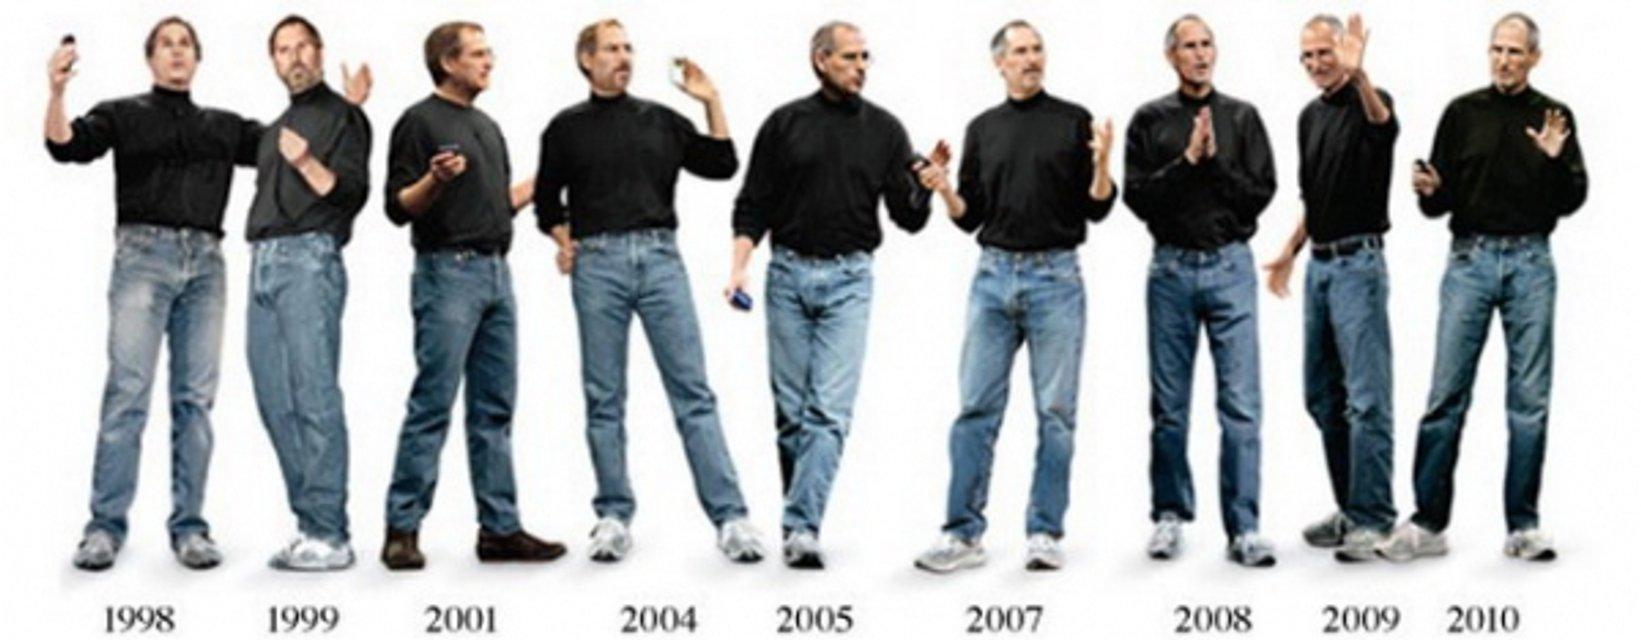 Стив Джобс: Лучшие цитаты гения бизнеса и технологий - фото 78985